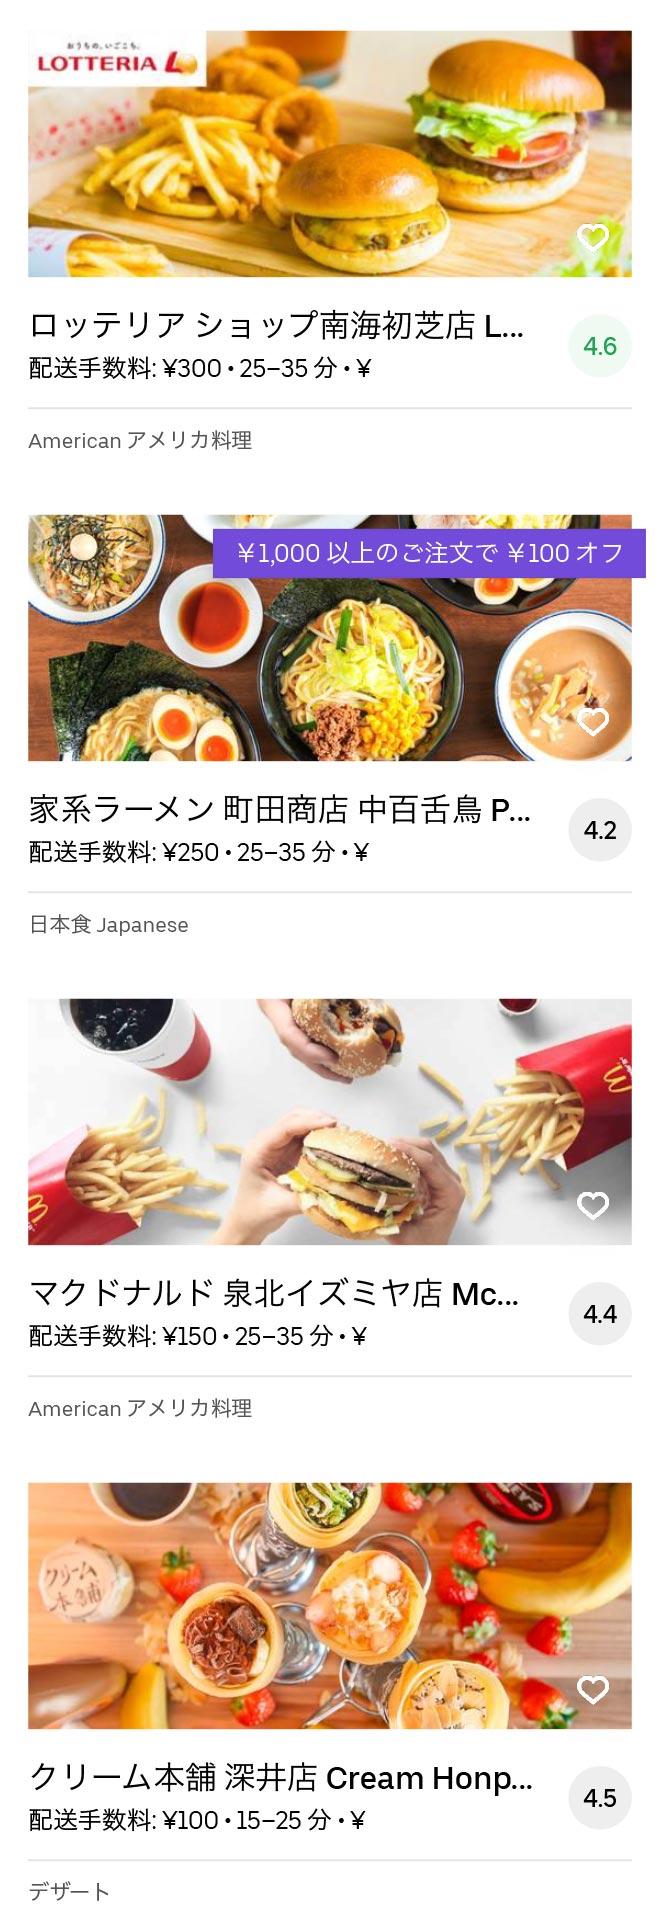 Sakai fukai menu 2005 05